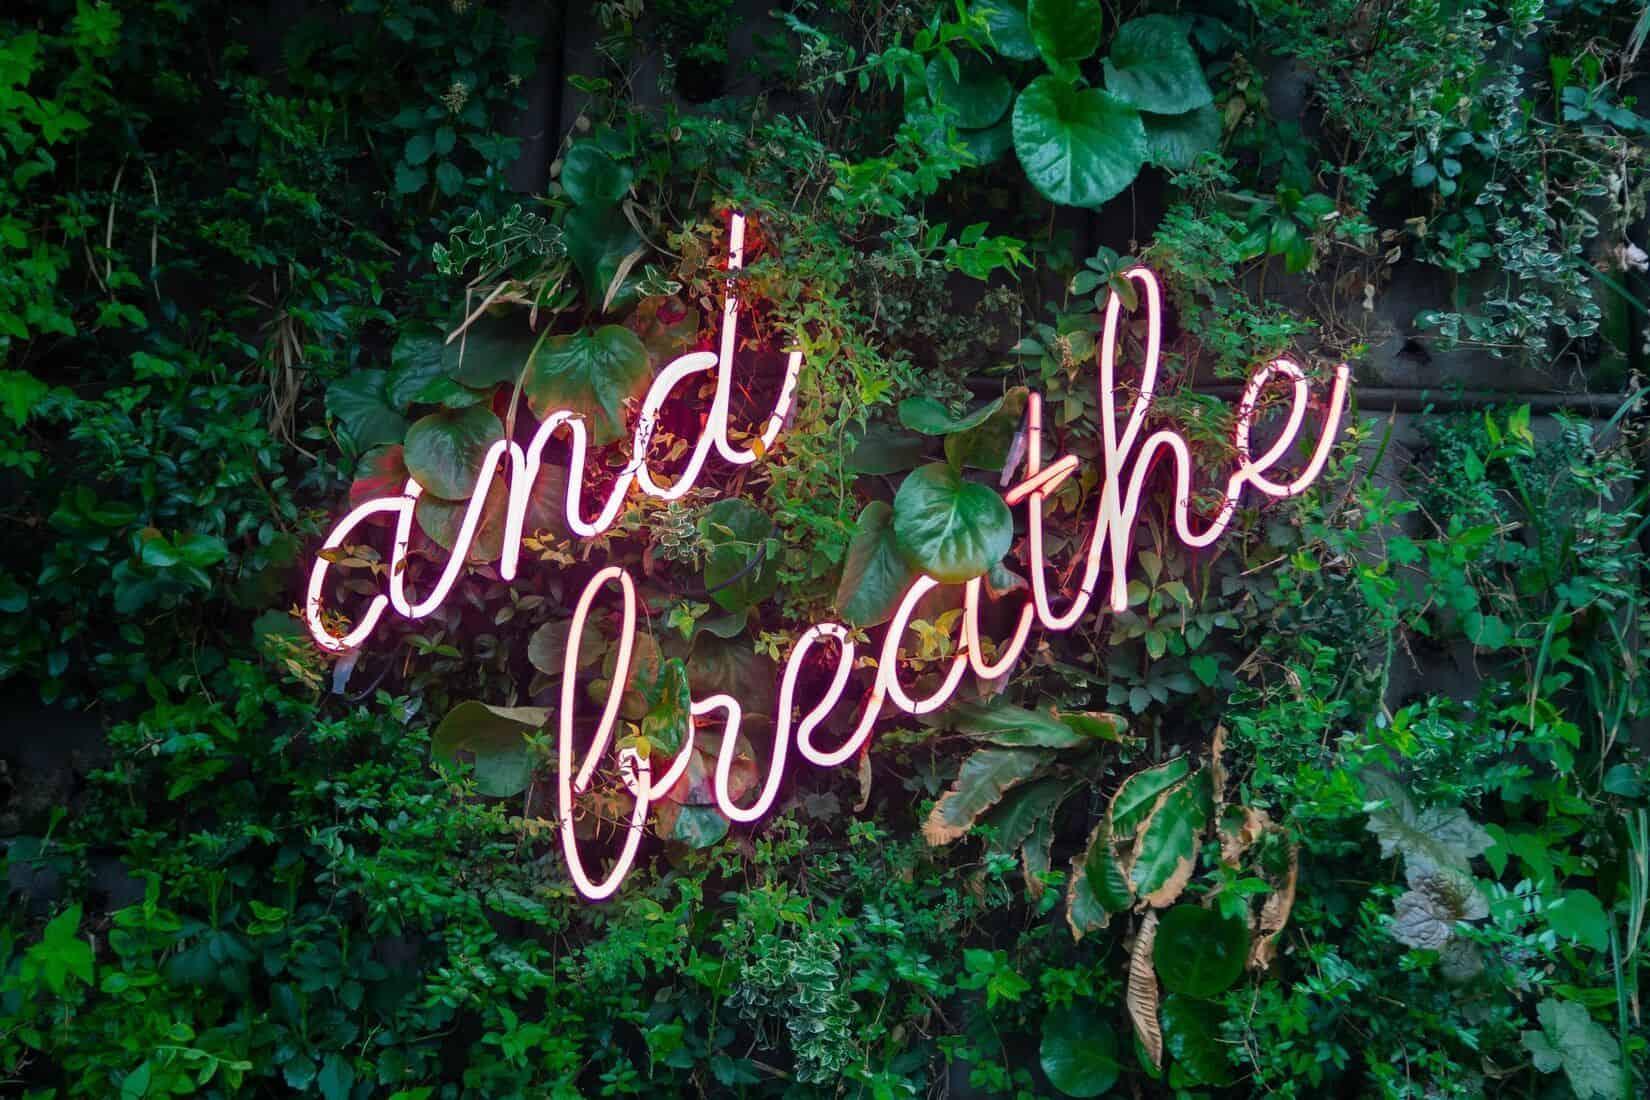 Et oui contrairement à ce que la plupart des gens pensent, les entrepreneurs font aussi des burn out ! Manque de sommeil, déprime, fatigue, stress … Autant de symptômes qui témoignent d'épuisement professionnel et dont on peut se prémunir en adoptant les bonnes habitudes !  Dans cet article, des conseils anti-déprime pour poursuivre son aventure entrepreneuriale avec sérénité.